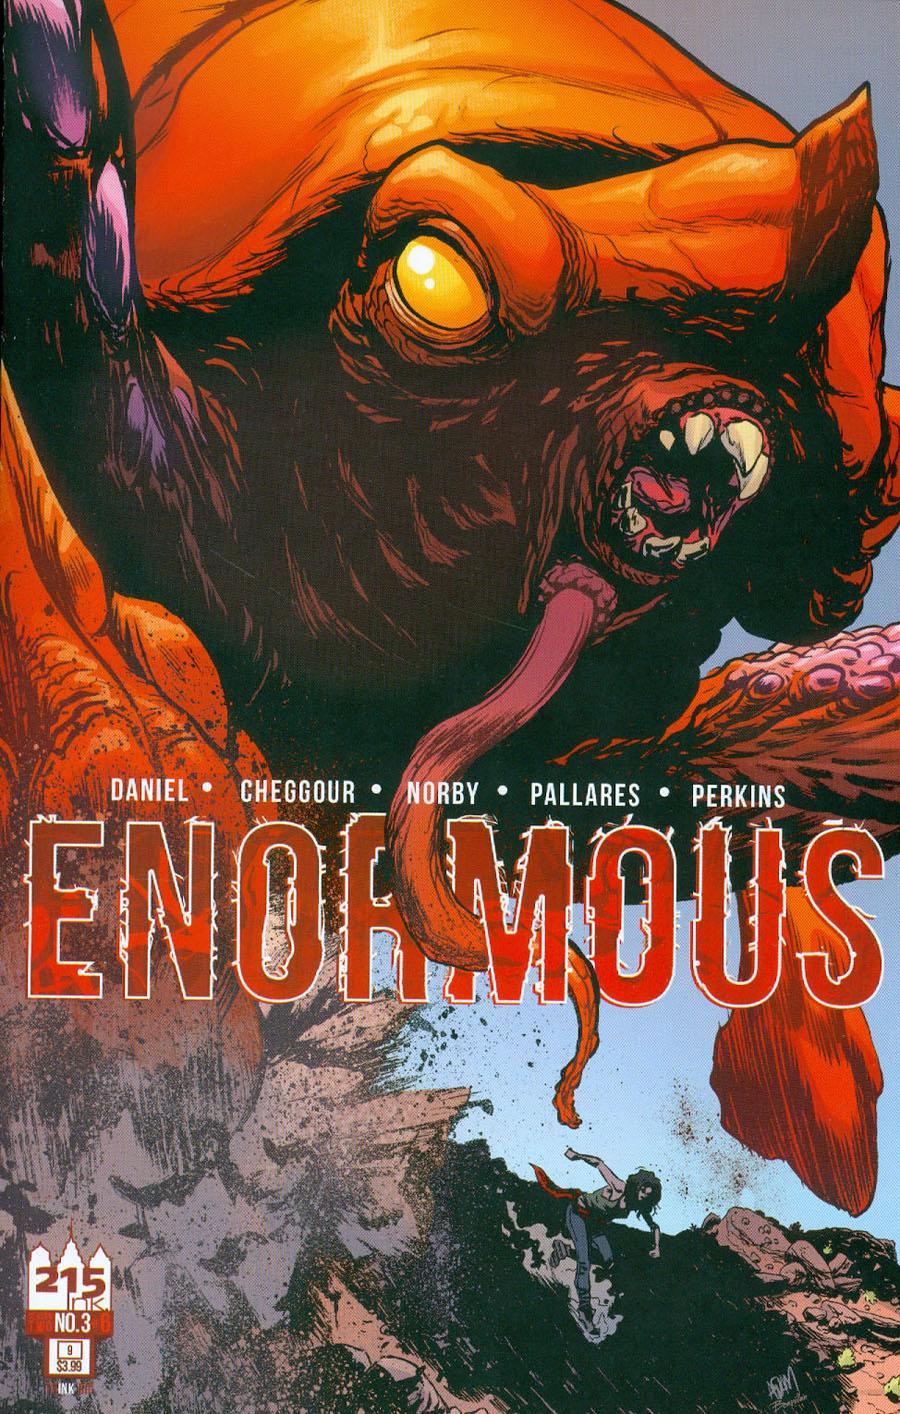 Enormous Vol 2 #3 Cover B Variant Adam Gorham Cover